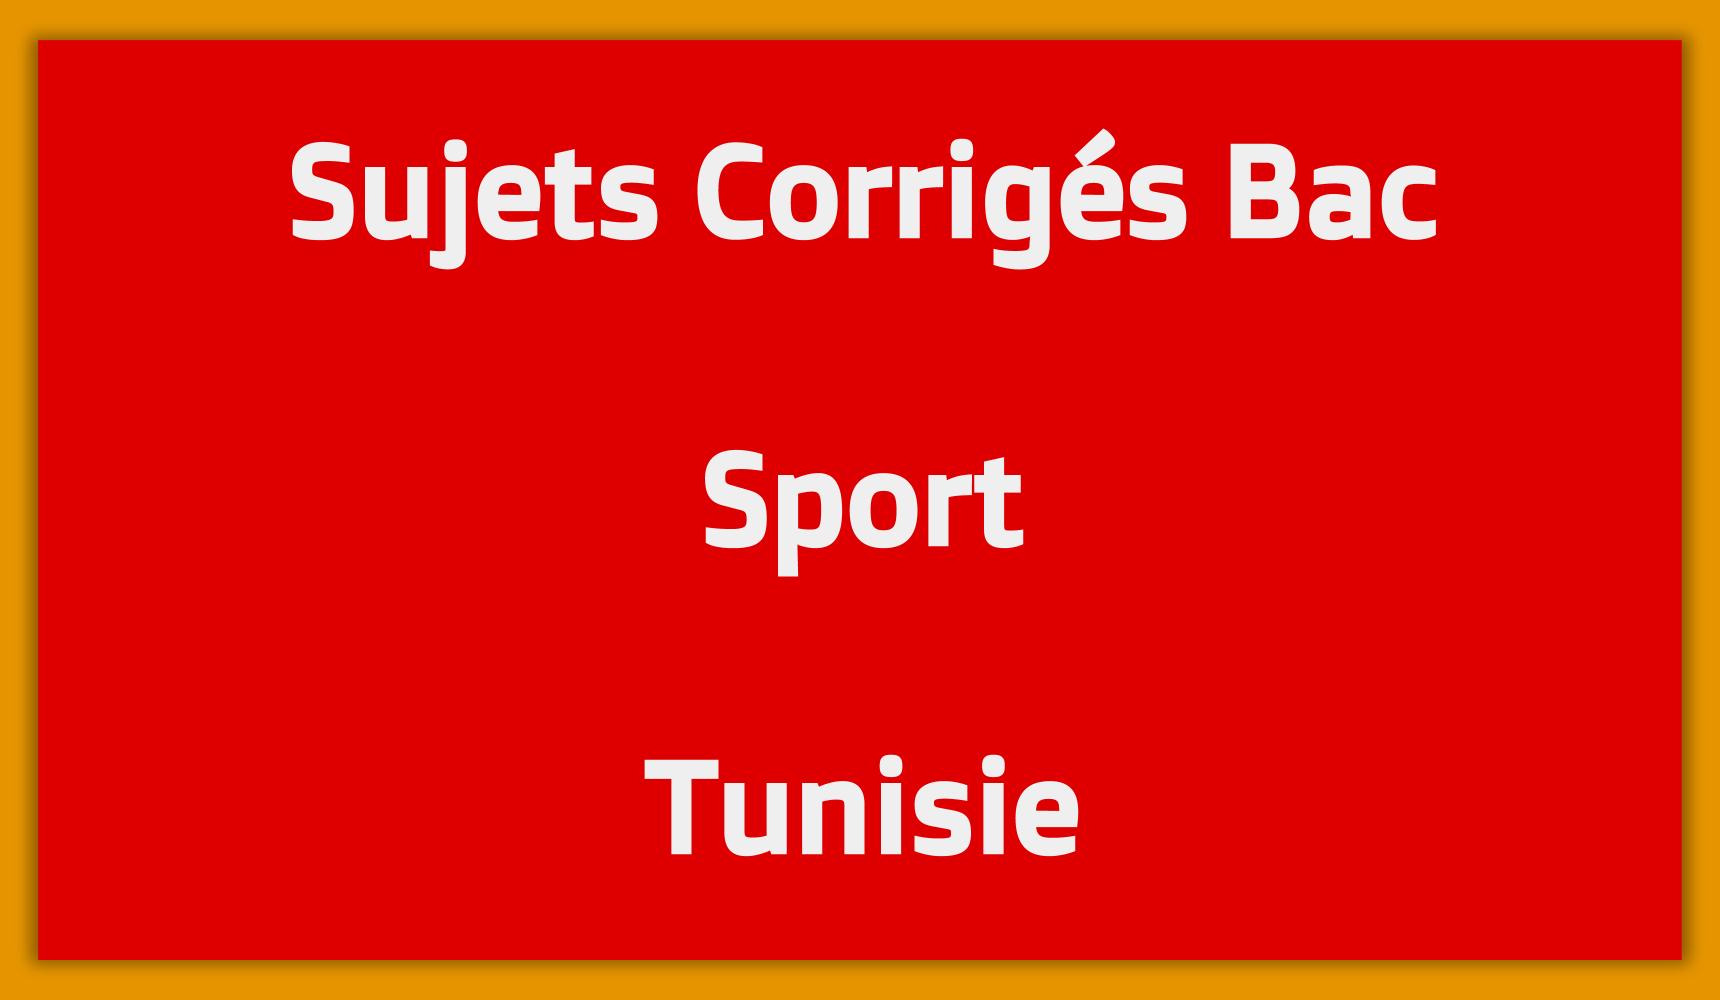 Sujets Corrigés Bac Sport Tunisie